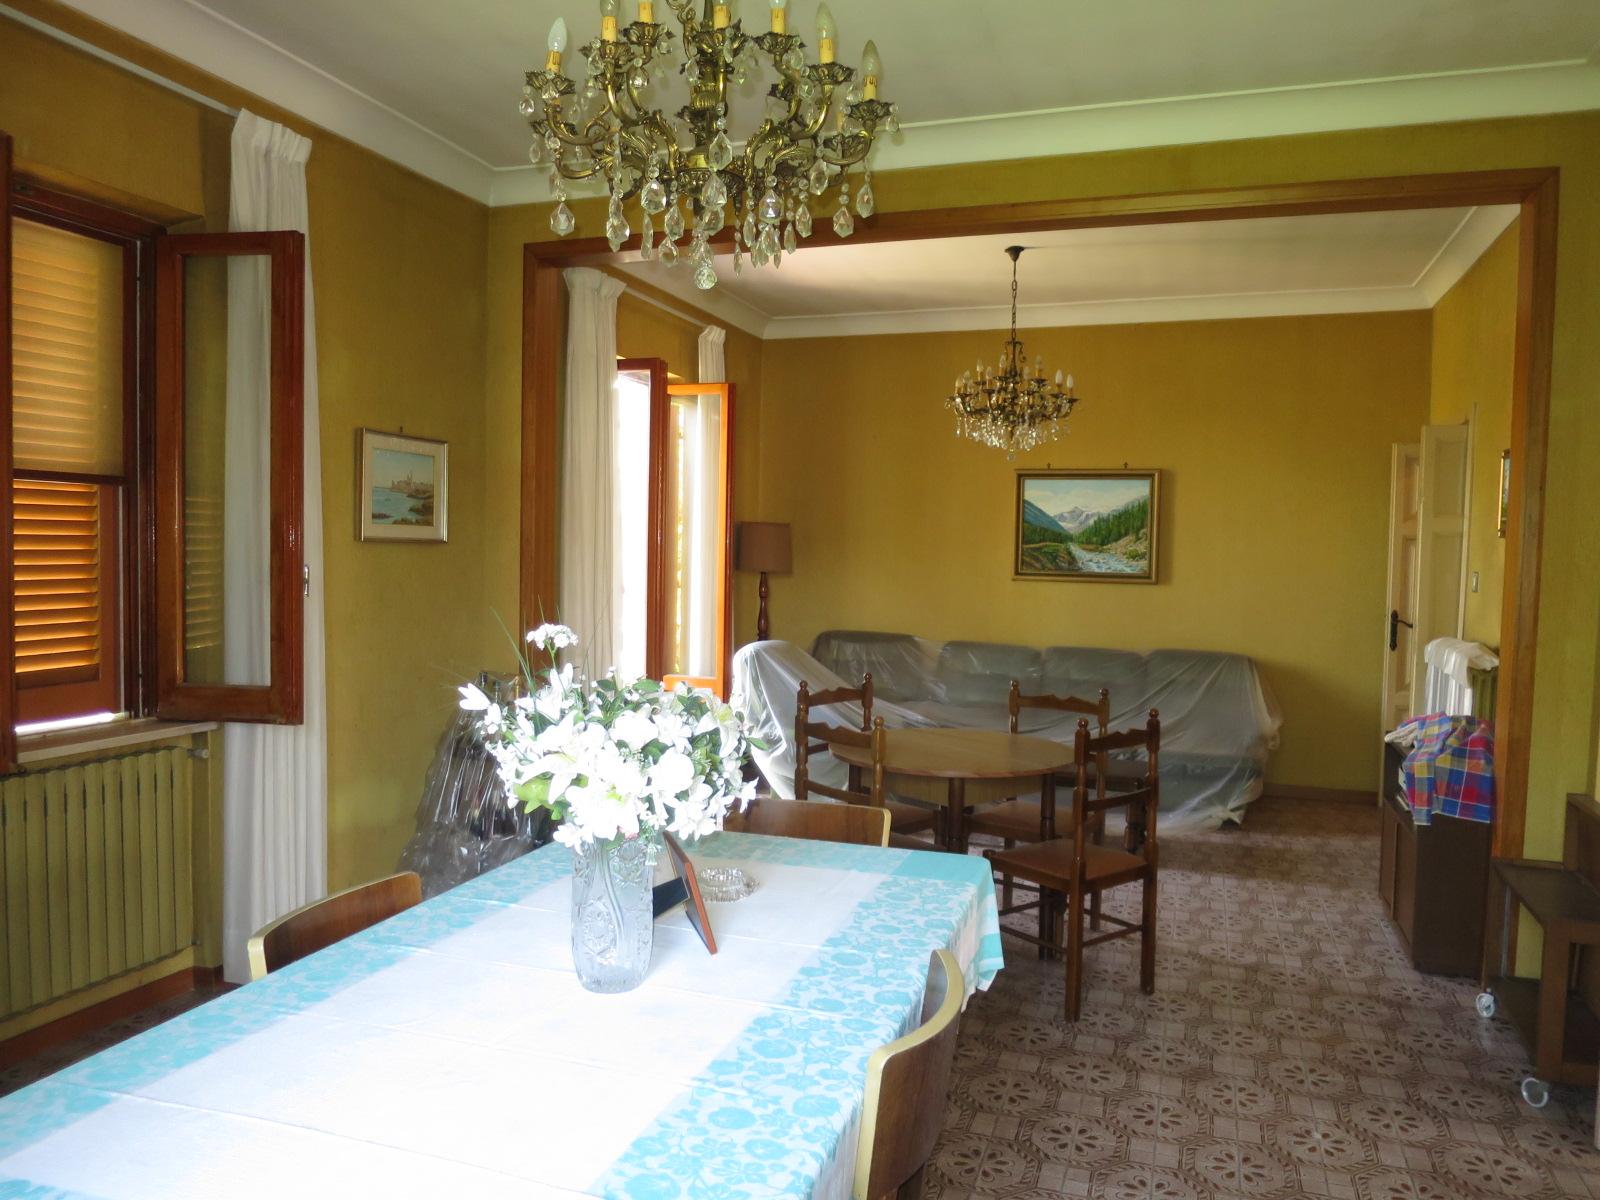 Villa Villa for sale Roseto degli Abruzzi (TE), Villa del Marinaio - Roseto degli Abruzzi - EUR 385.559 600